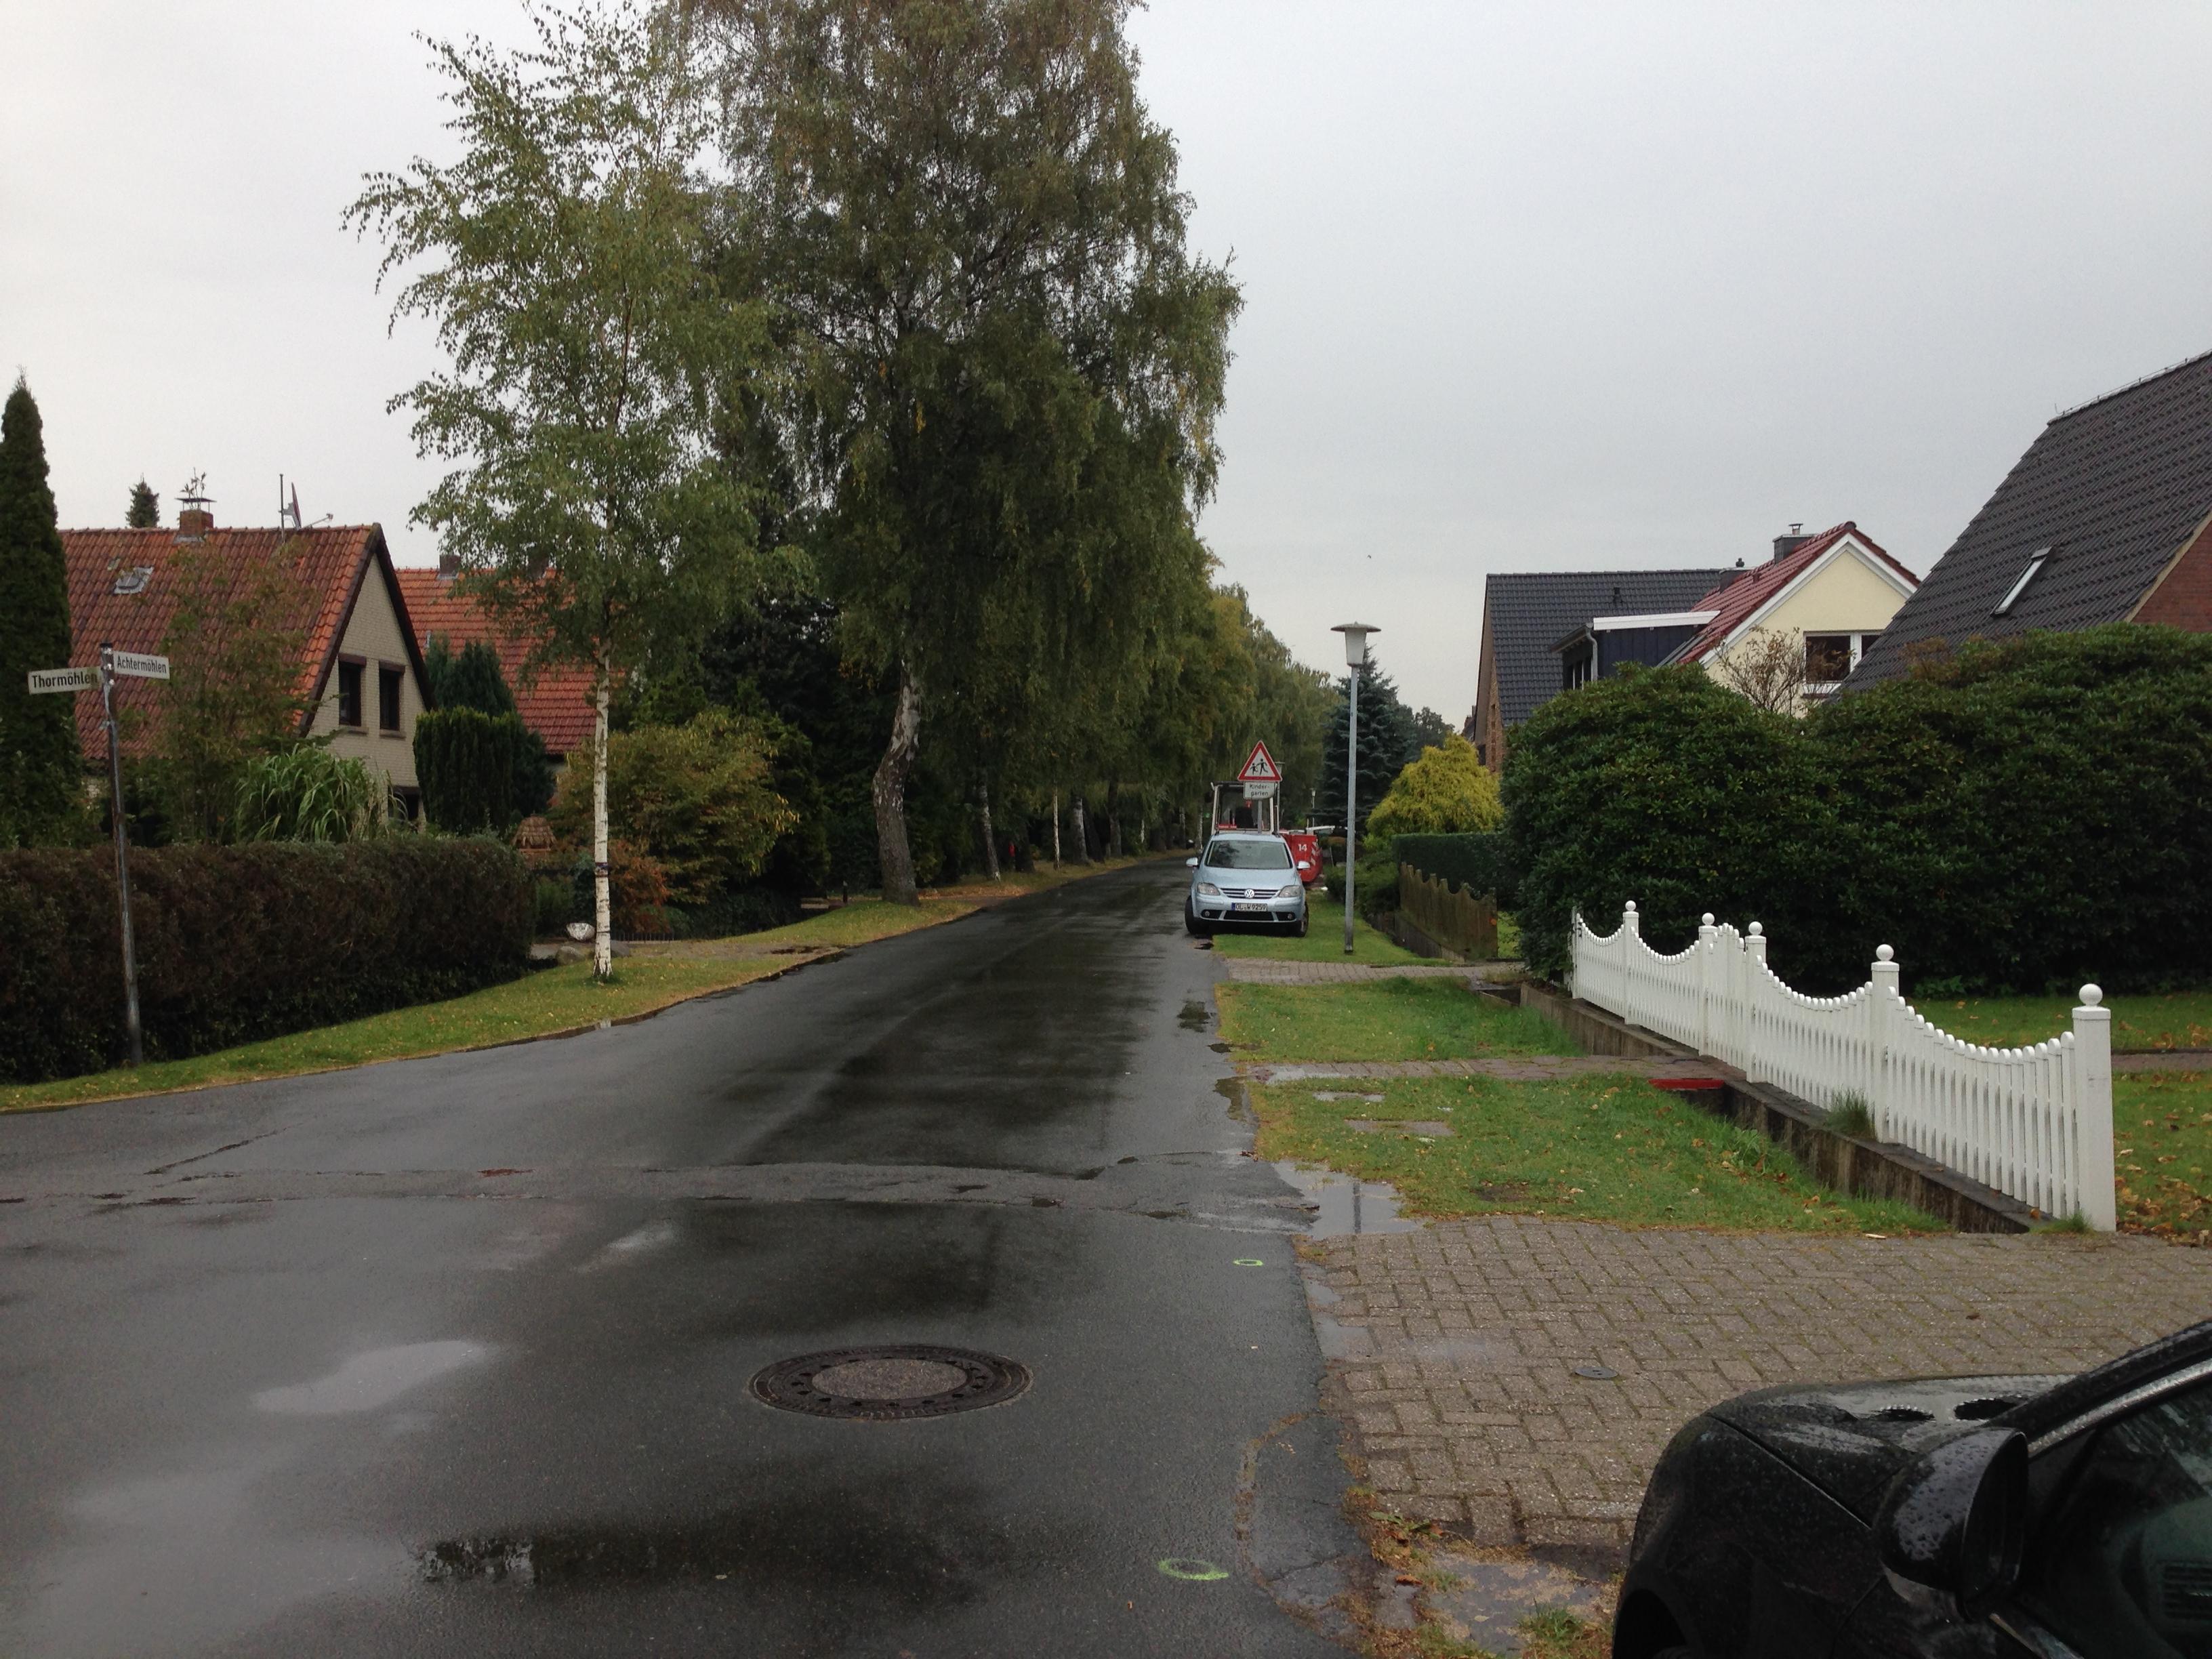 Rückweg bei Regen